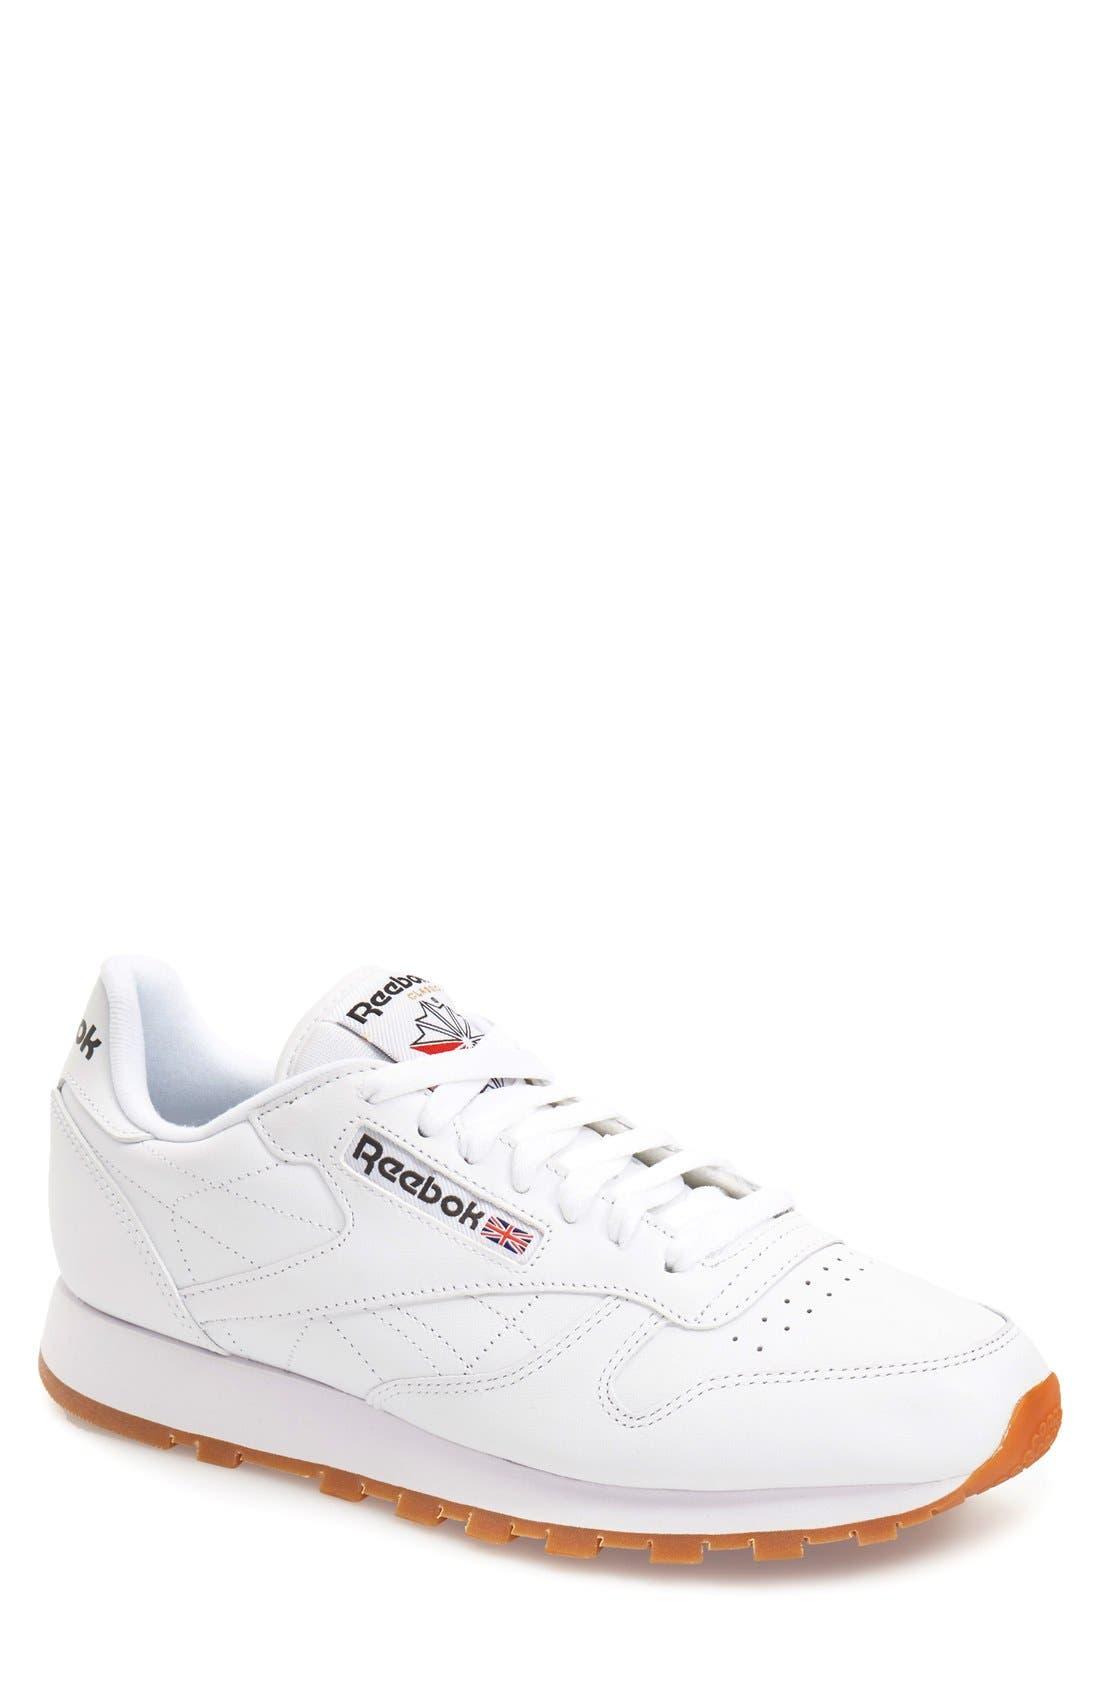 Reebok Classic Leather Sneaker (Men)